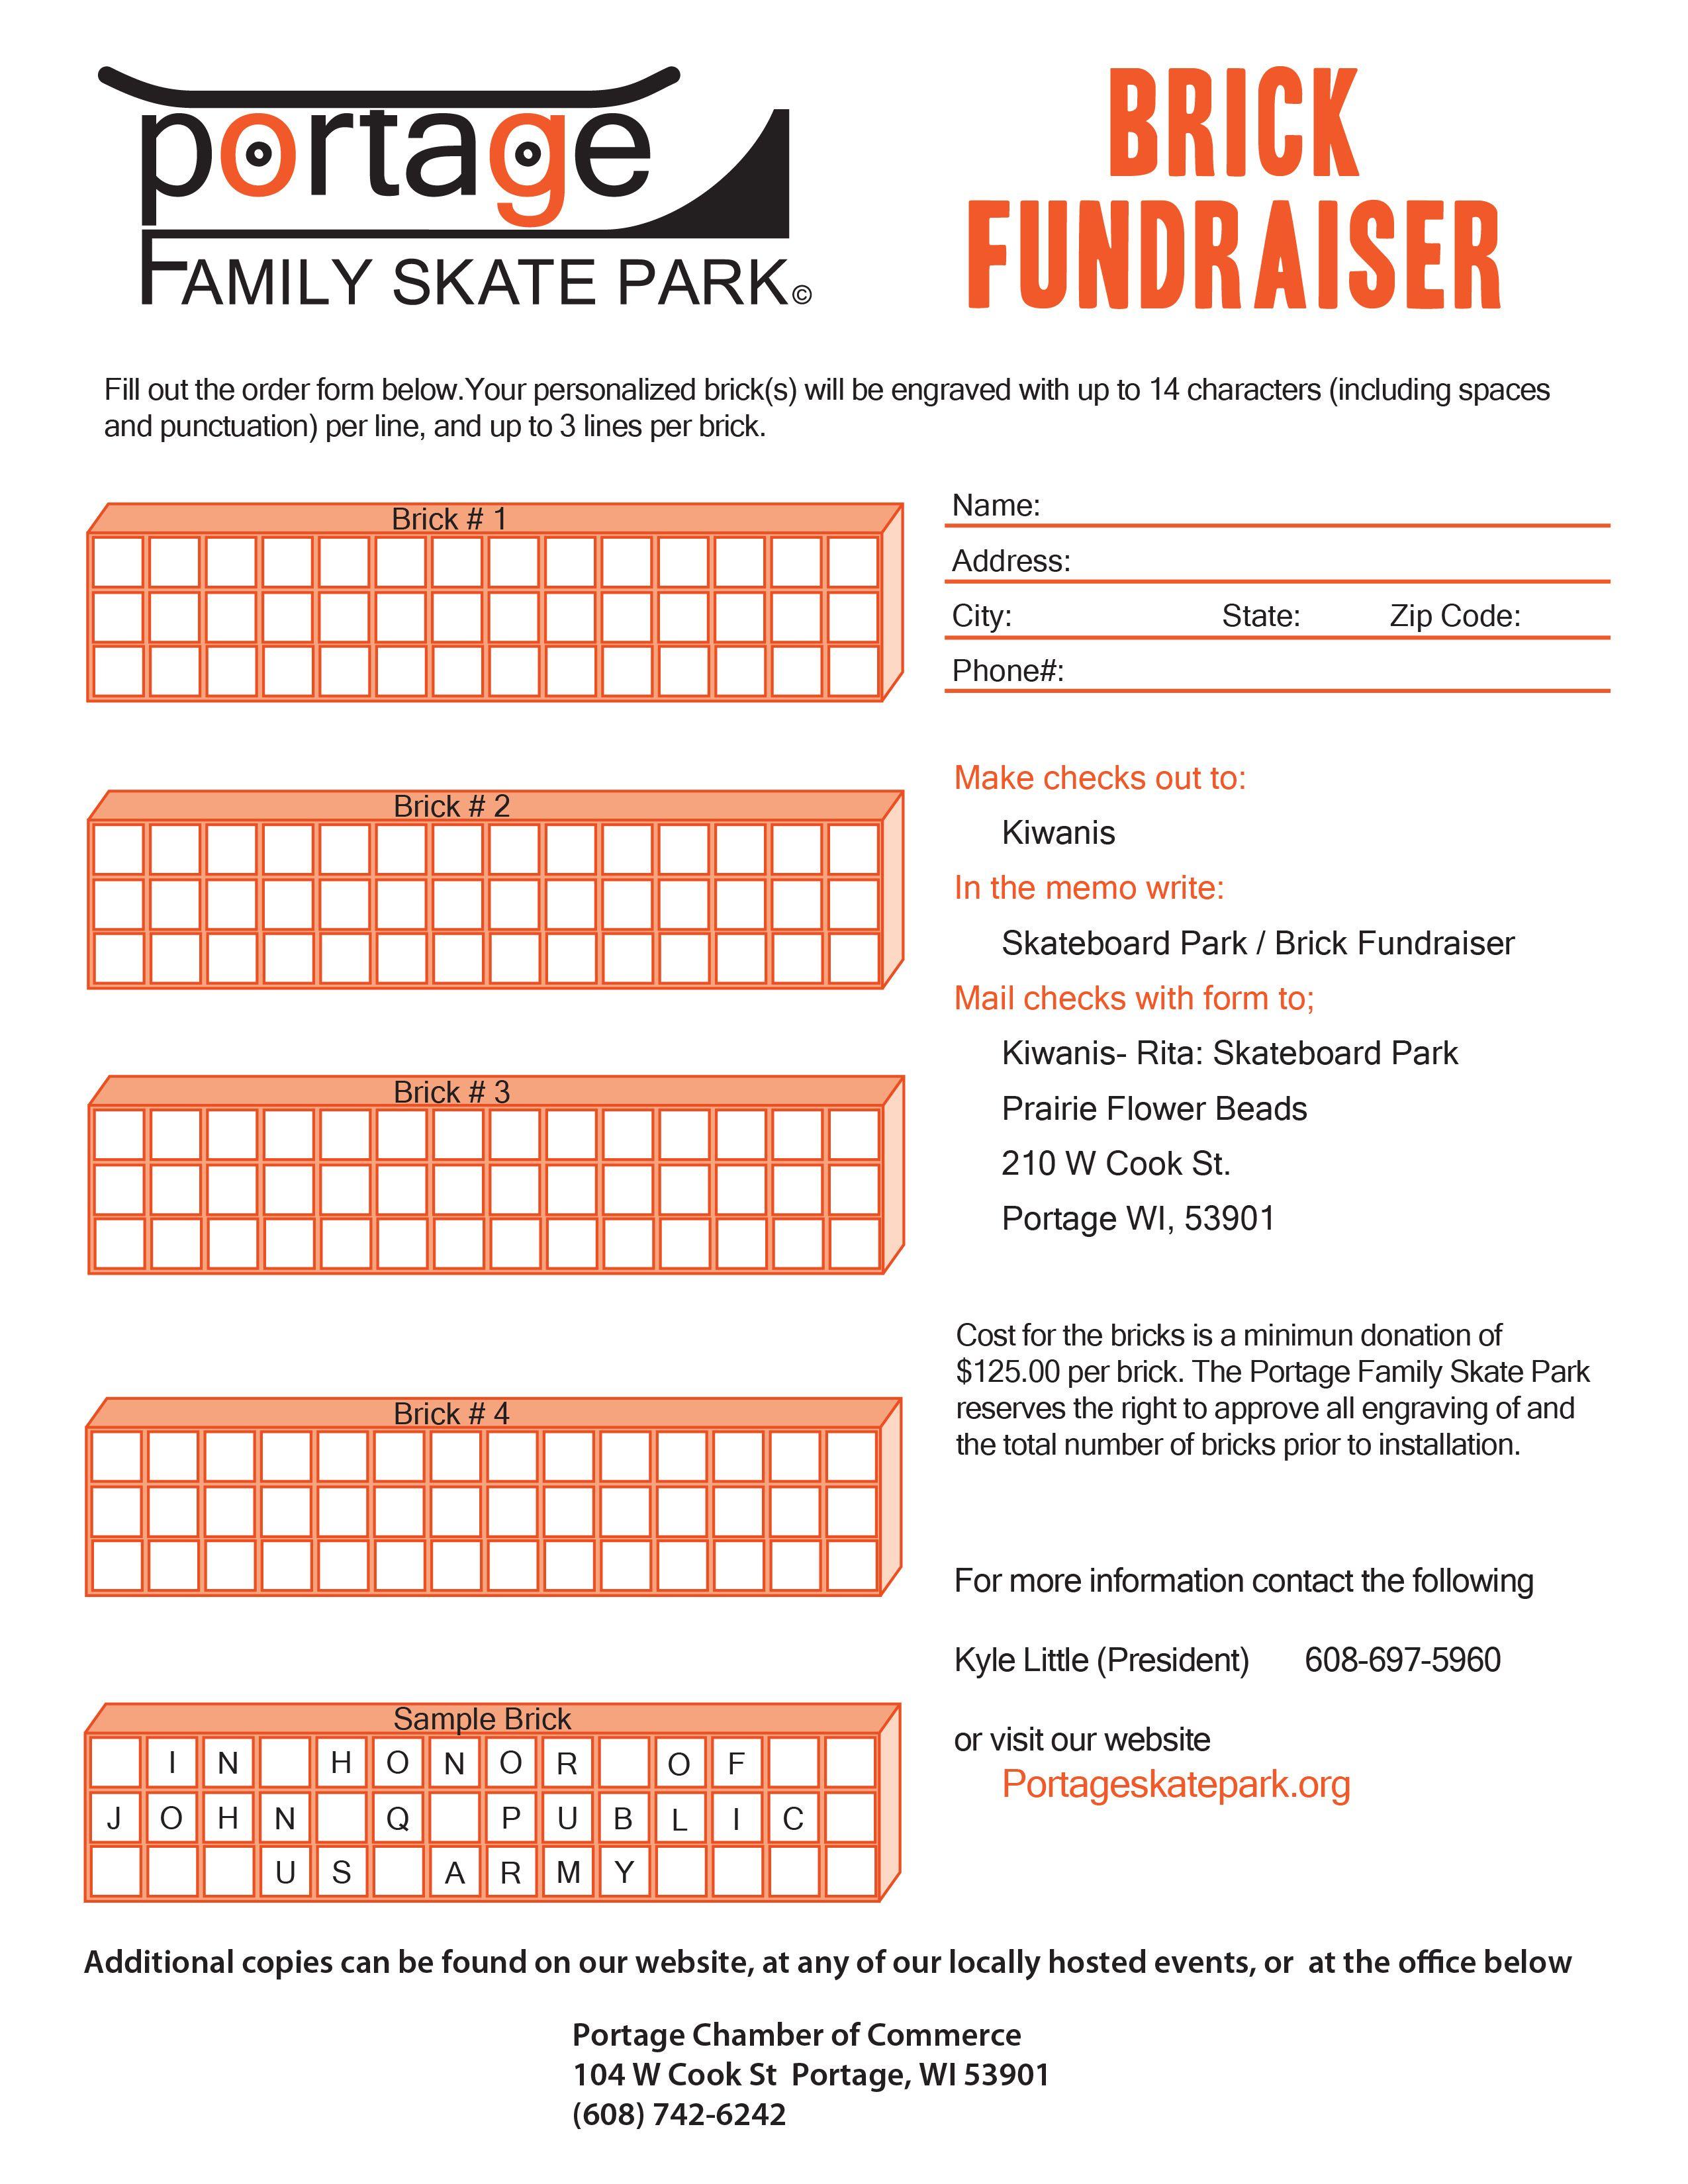 pfps brick fundraiser